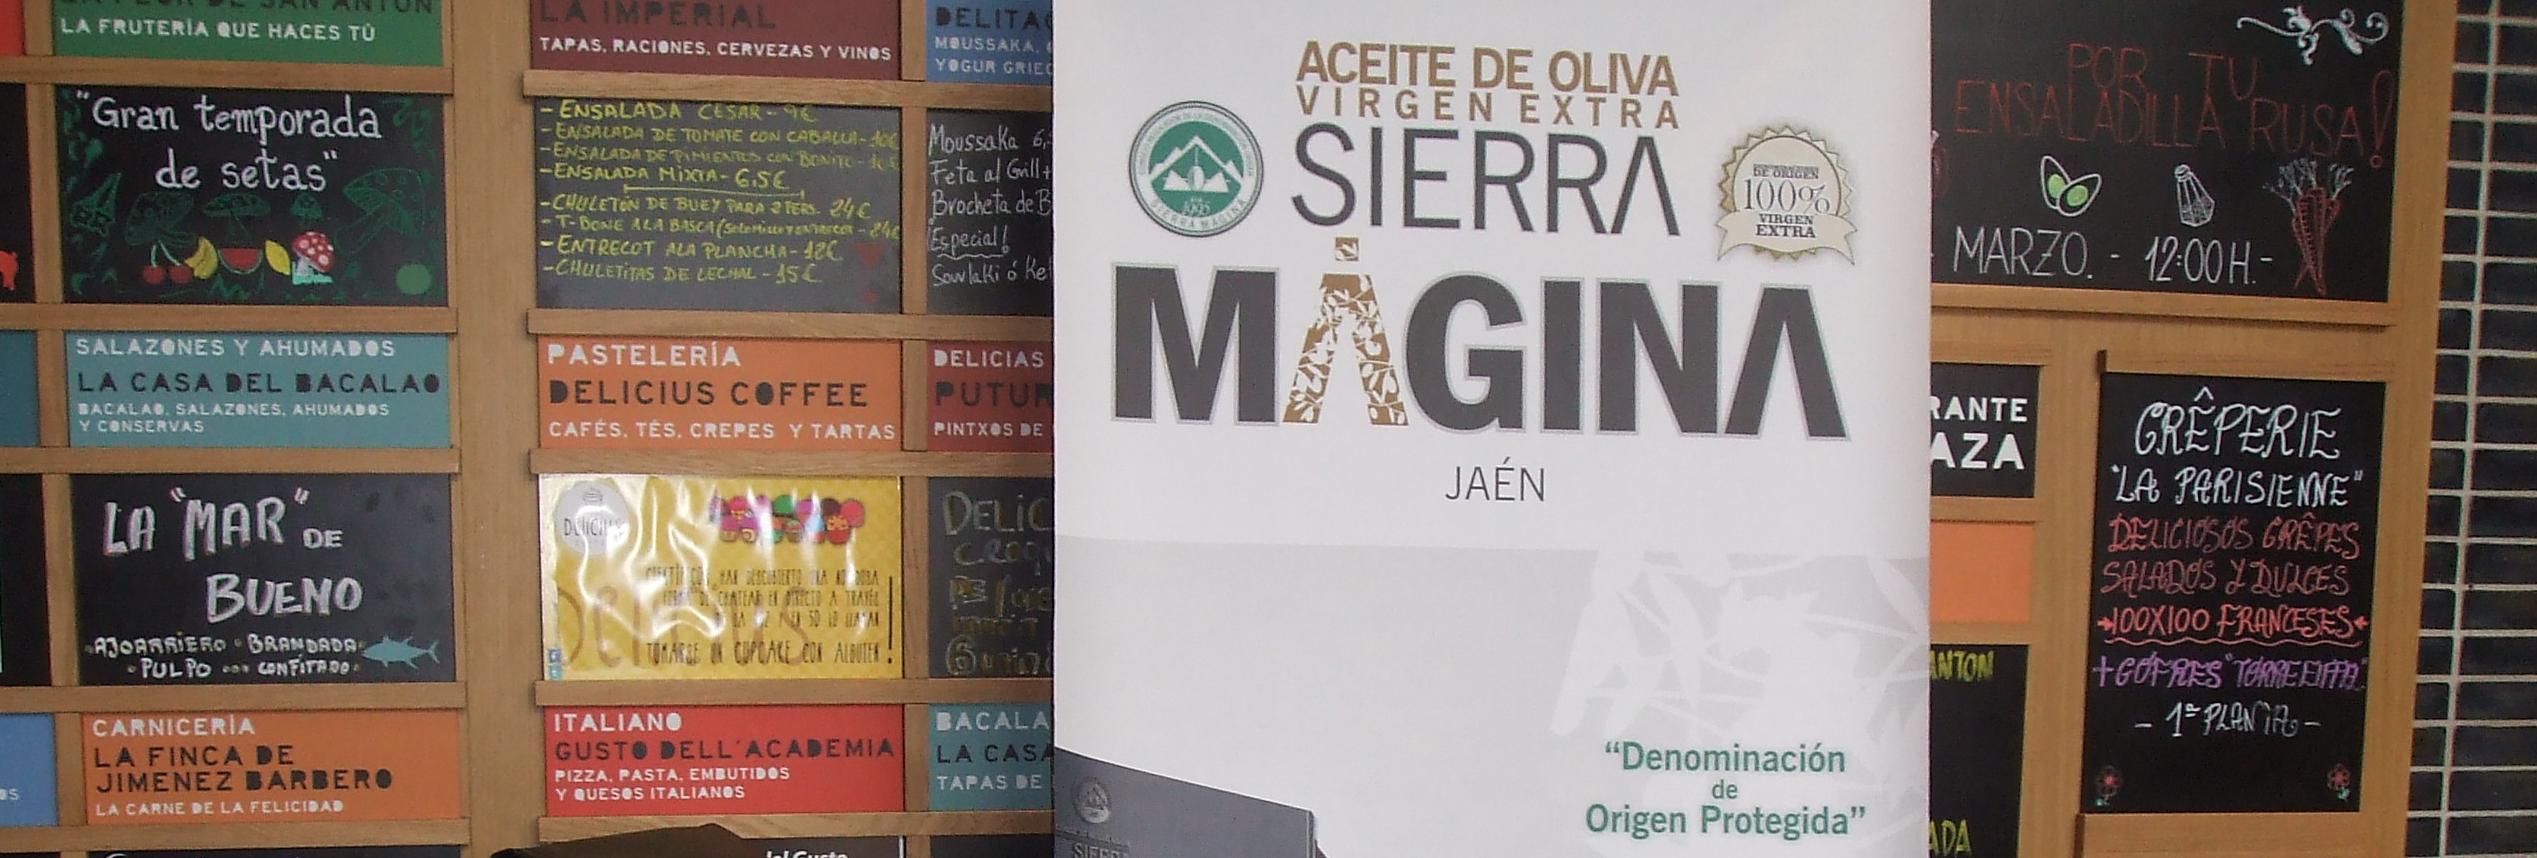 mercado-de-san-anton-evento-Bronze-&-Mora-aceite-de-oliva-Bronze-y-Mora-ideal-para-regalar